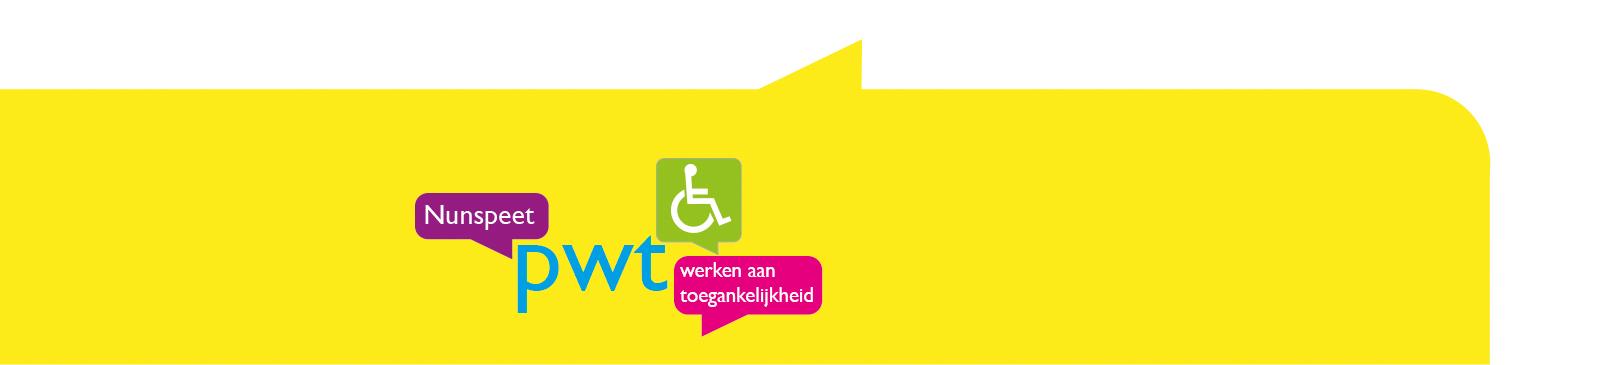 Logo van de Plaatselijk Werkgroep Toegankelijkheid Nunspeet over de breedte van de pagina.